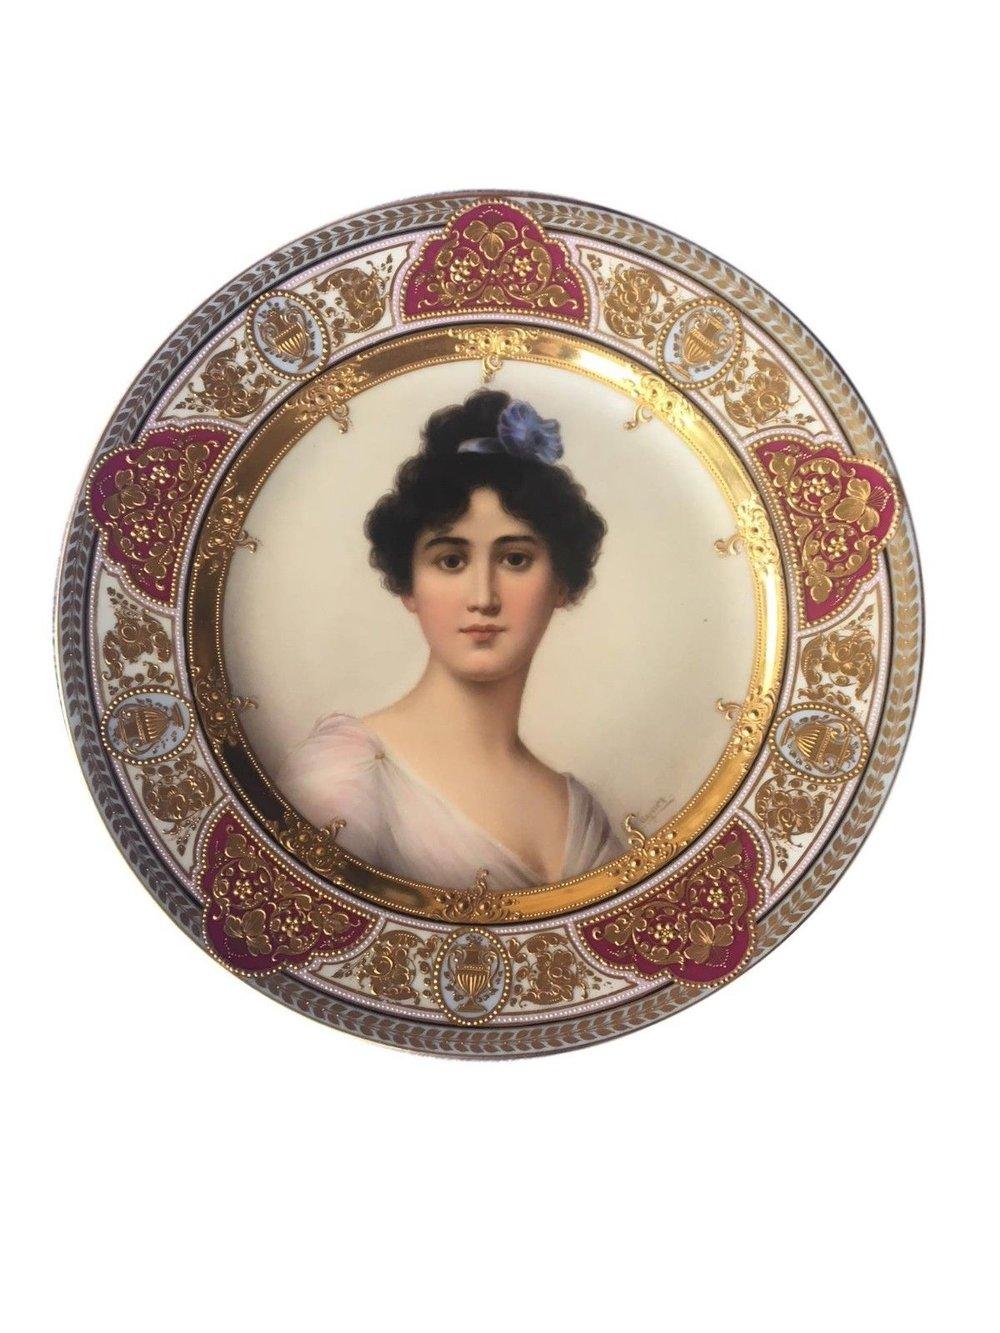 Vienna porcelain royal ROYAL VIENNA